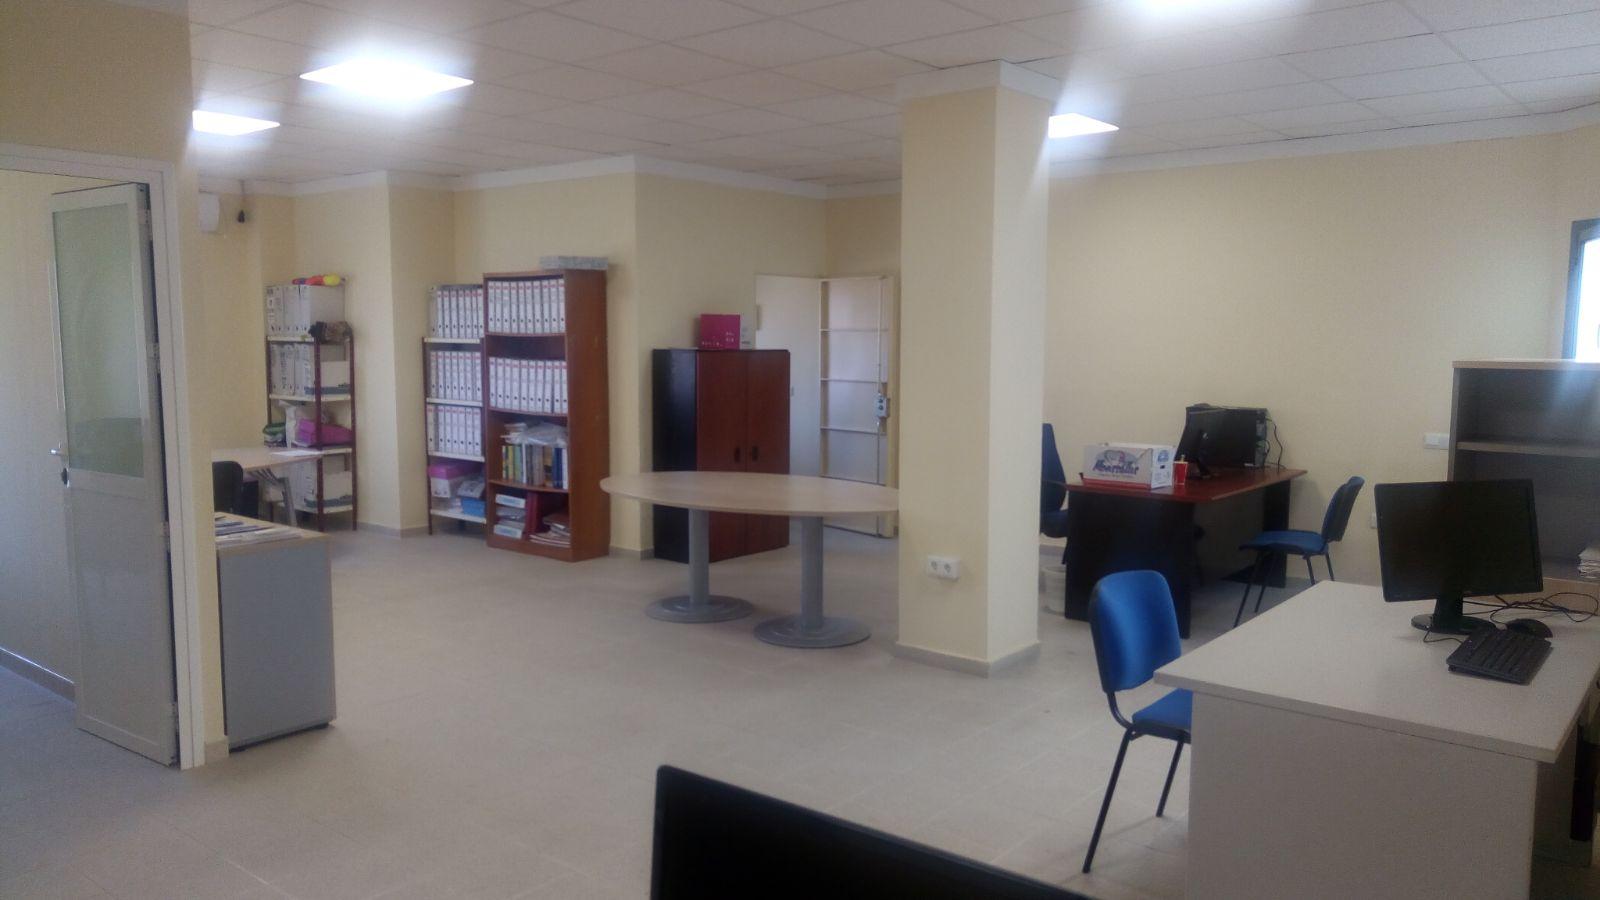 La oficina de deportes se traslada de ubicaci n for Ubicacion de las oficinas